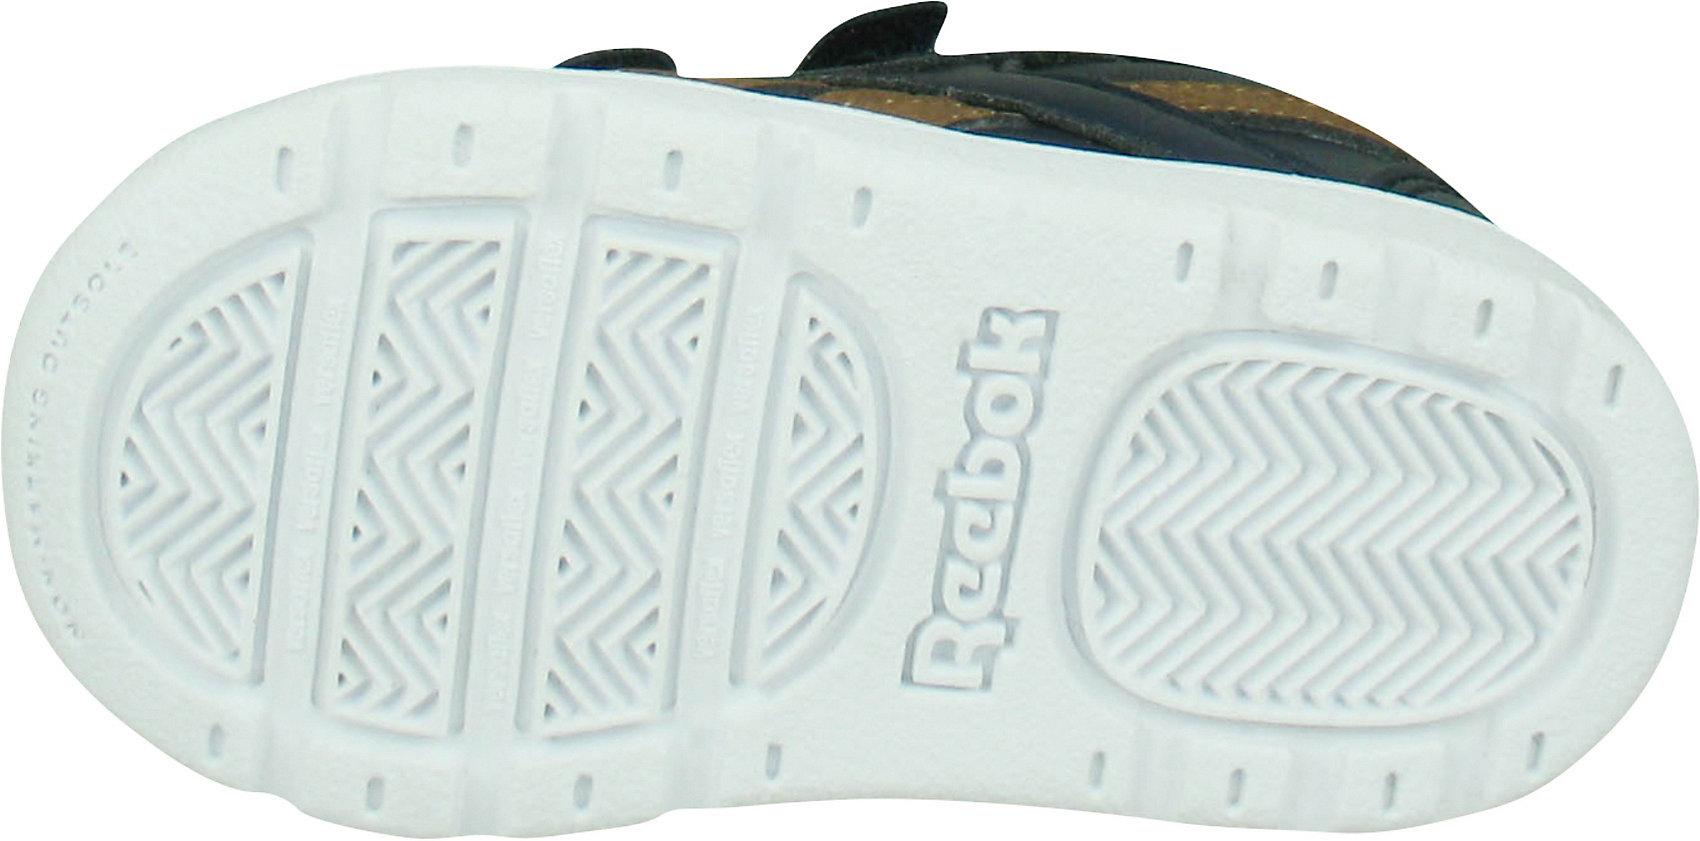 Details zu Neu Reebok Baby Sneakers low ROYAL PRIME ALT für Jungen 11133167 für Jungen